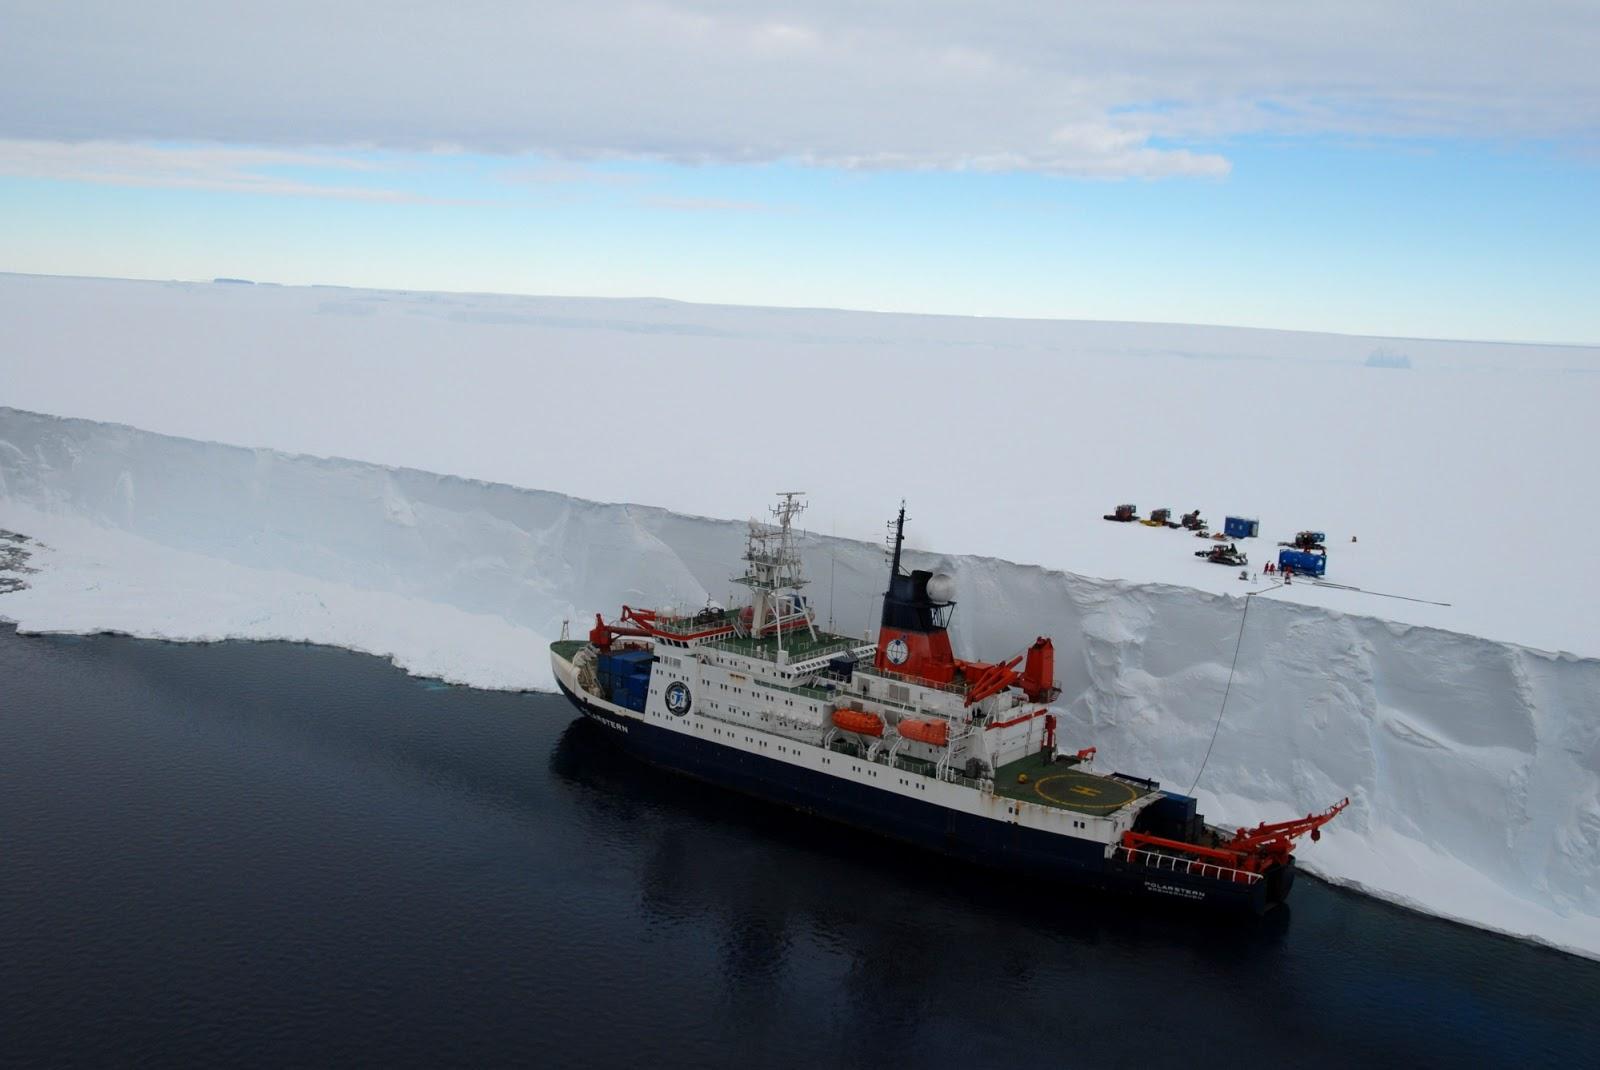 Escalando os paredões de gelo da Antártida